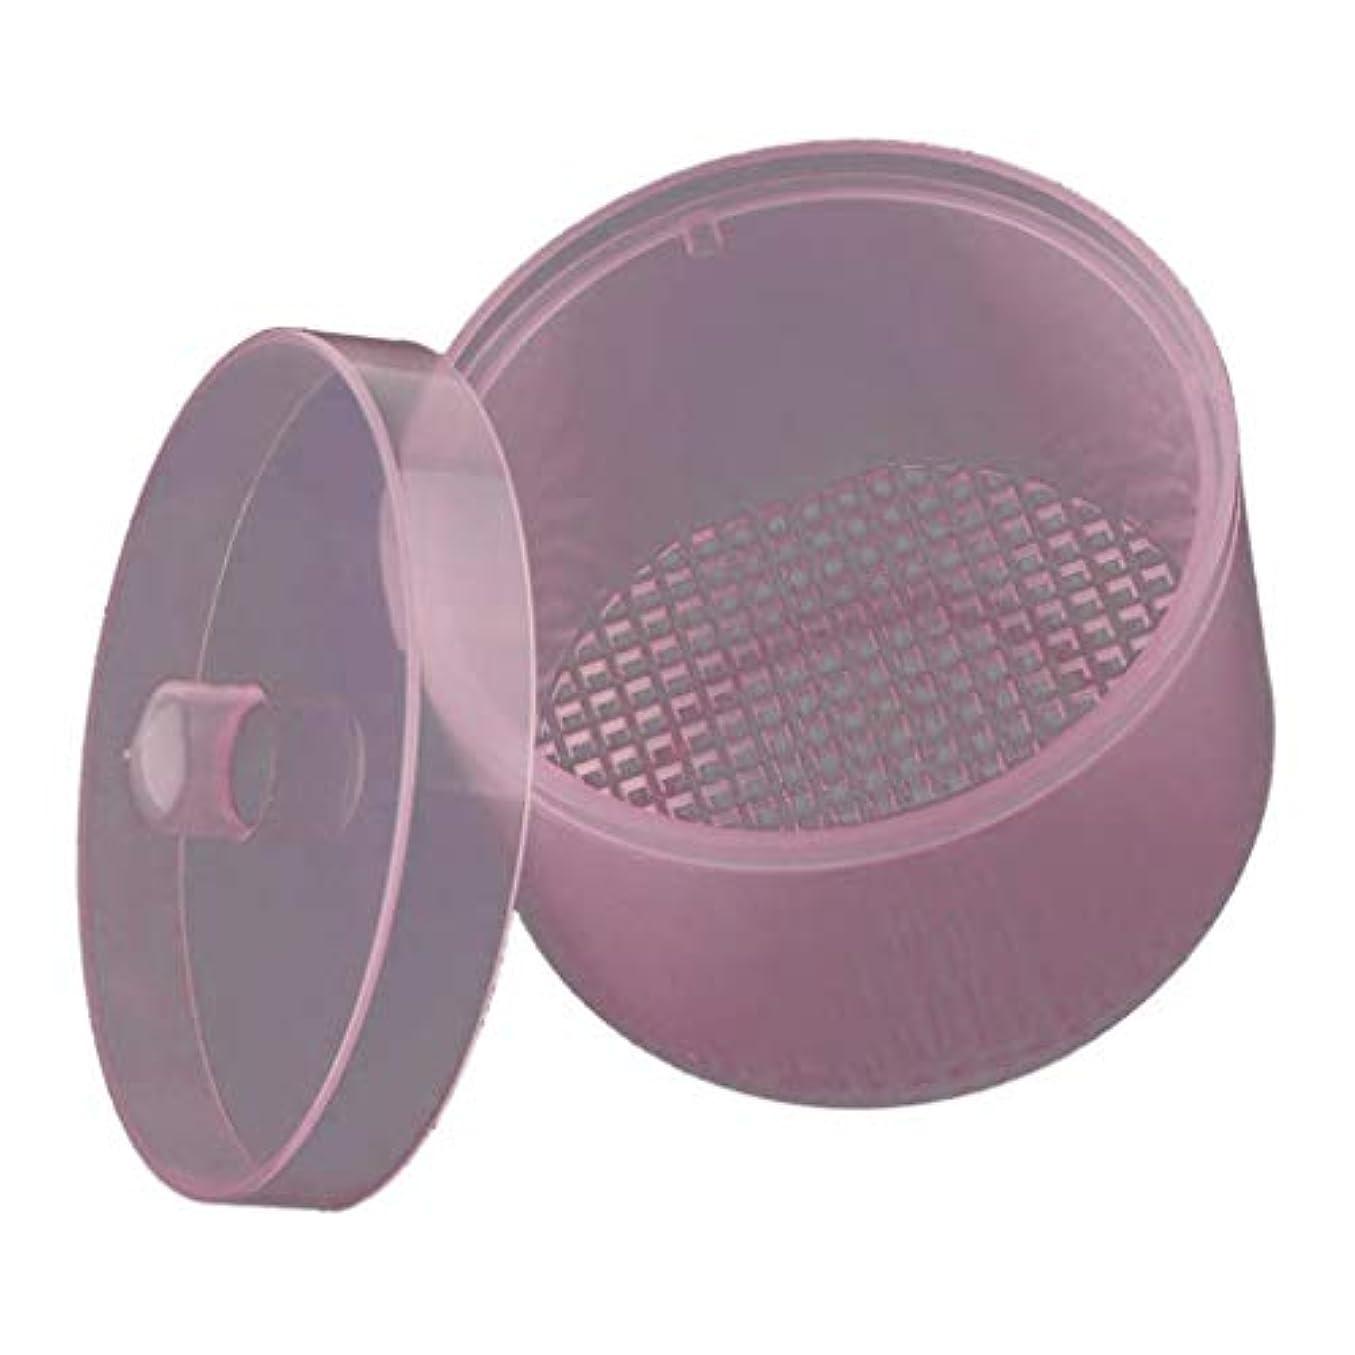 本物飢雹Perfeclan ネイルドリルビット ネイルアートファイル クリーニングボックス プラスチック 全4カラー - ピンク